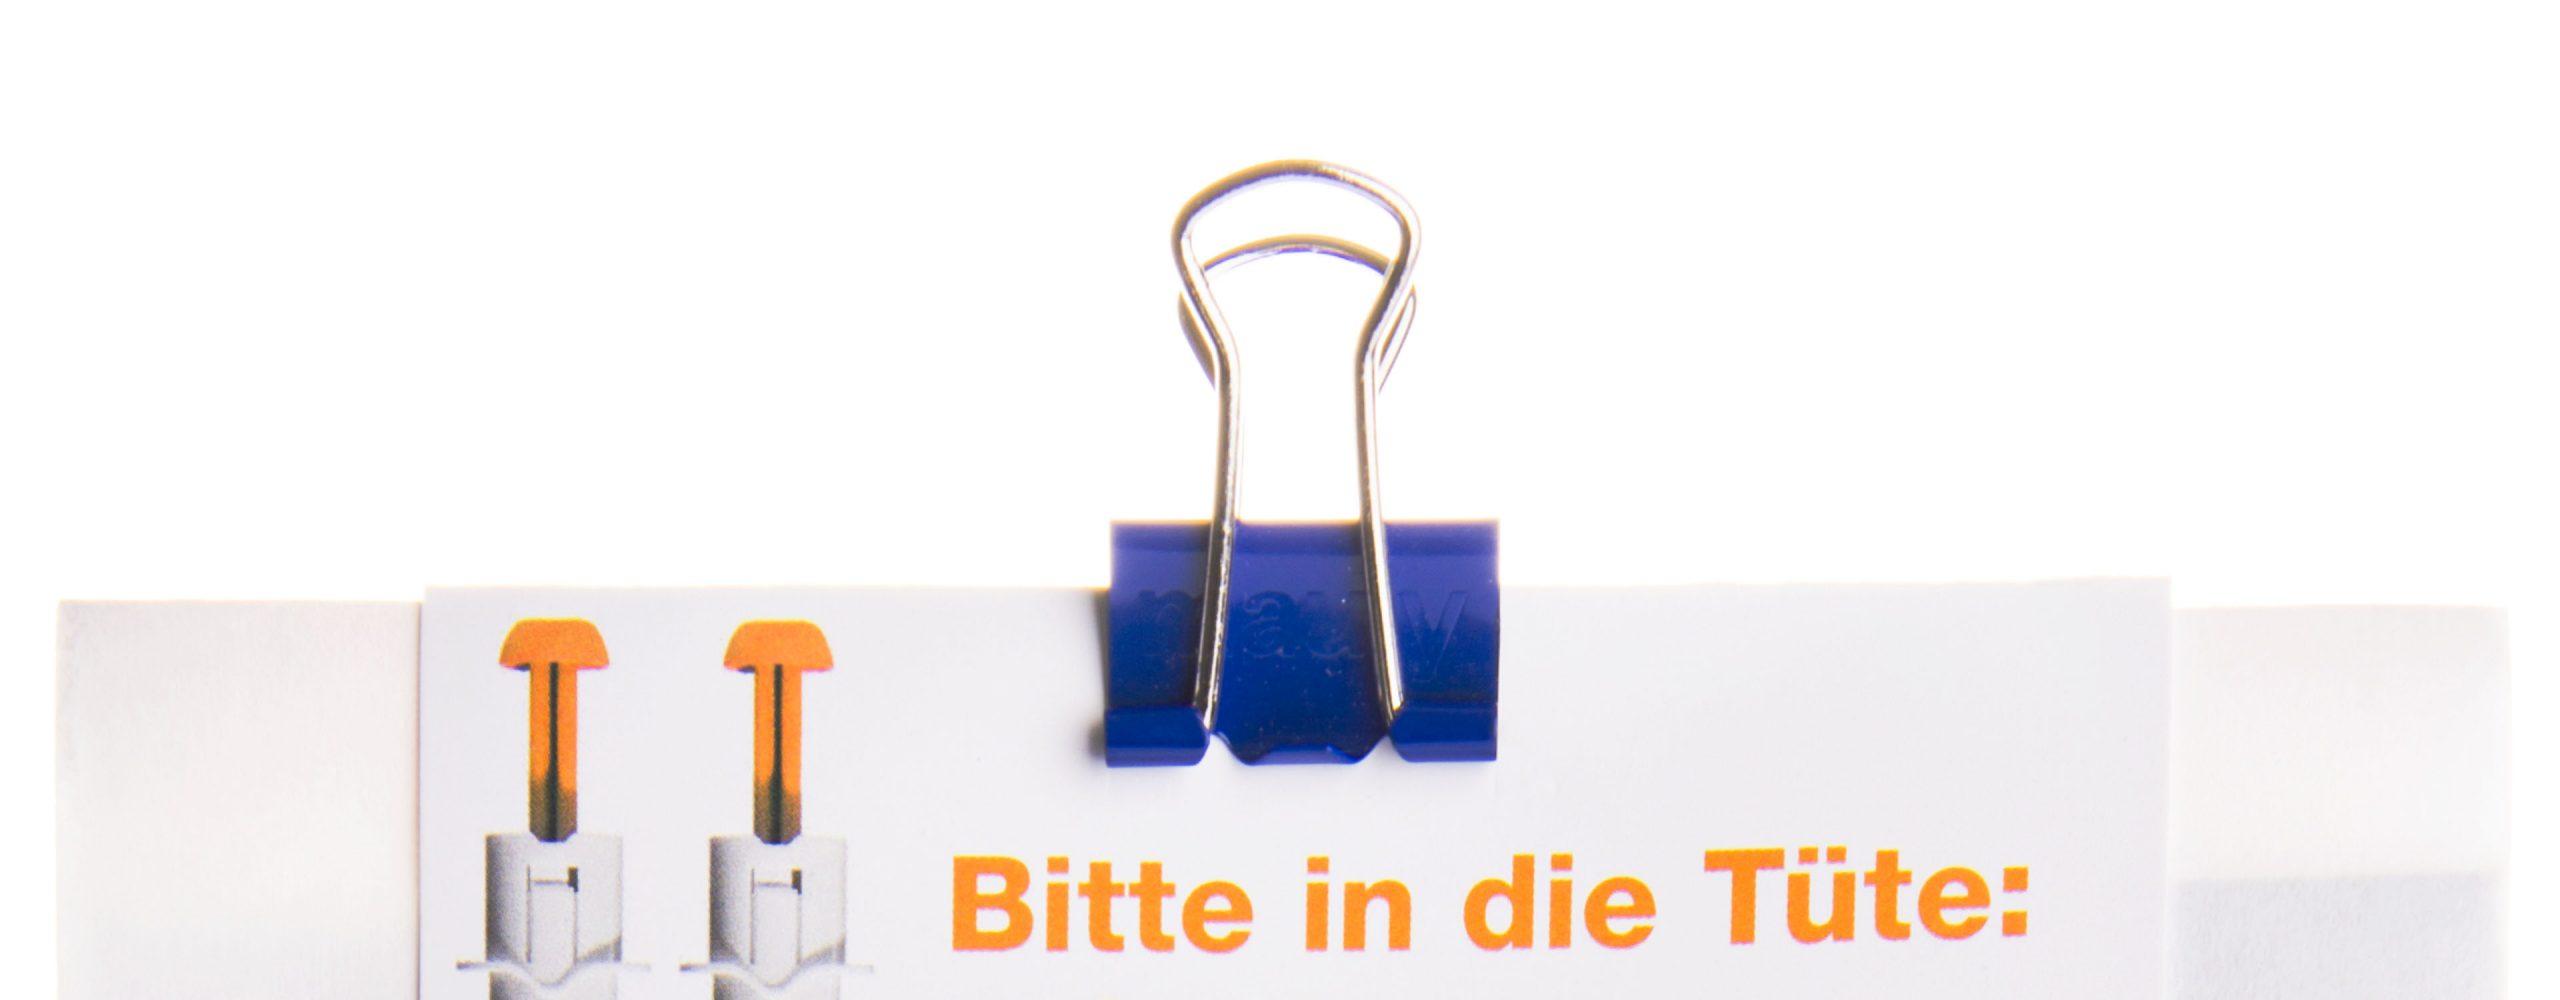 pharma werbung wegener marpinion anzeigen kampagne apochannel kommunikation apotheke